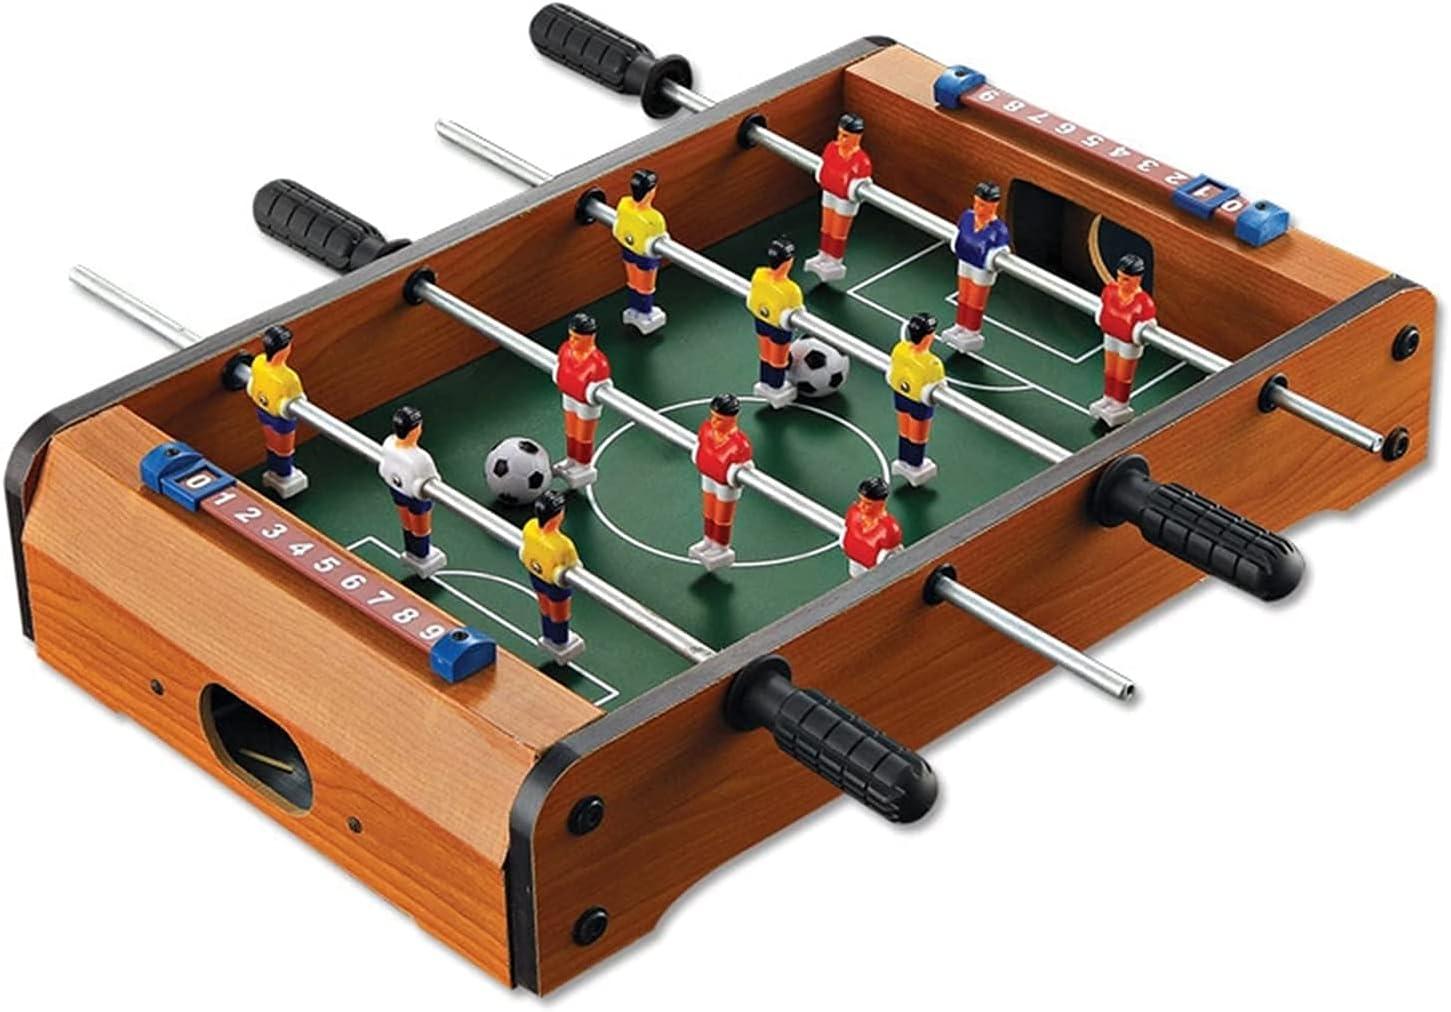 XYCSM 51 * 31 * 7Cm Máquina de Fútbol Creativa Máquina de Fútbol de Escritorio Juguete de Fútbol Padre-Niño Interior de Juguete Interactivo Tablero de Entretenimiento Interior Juego